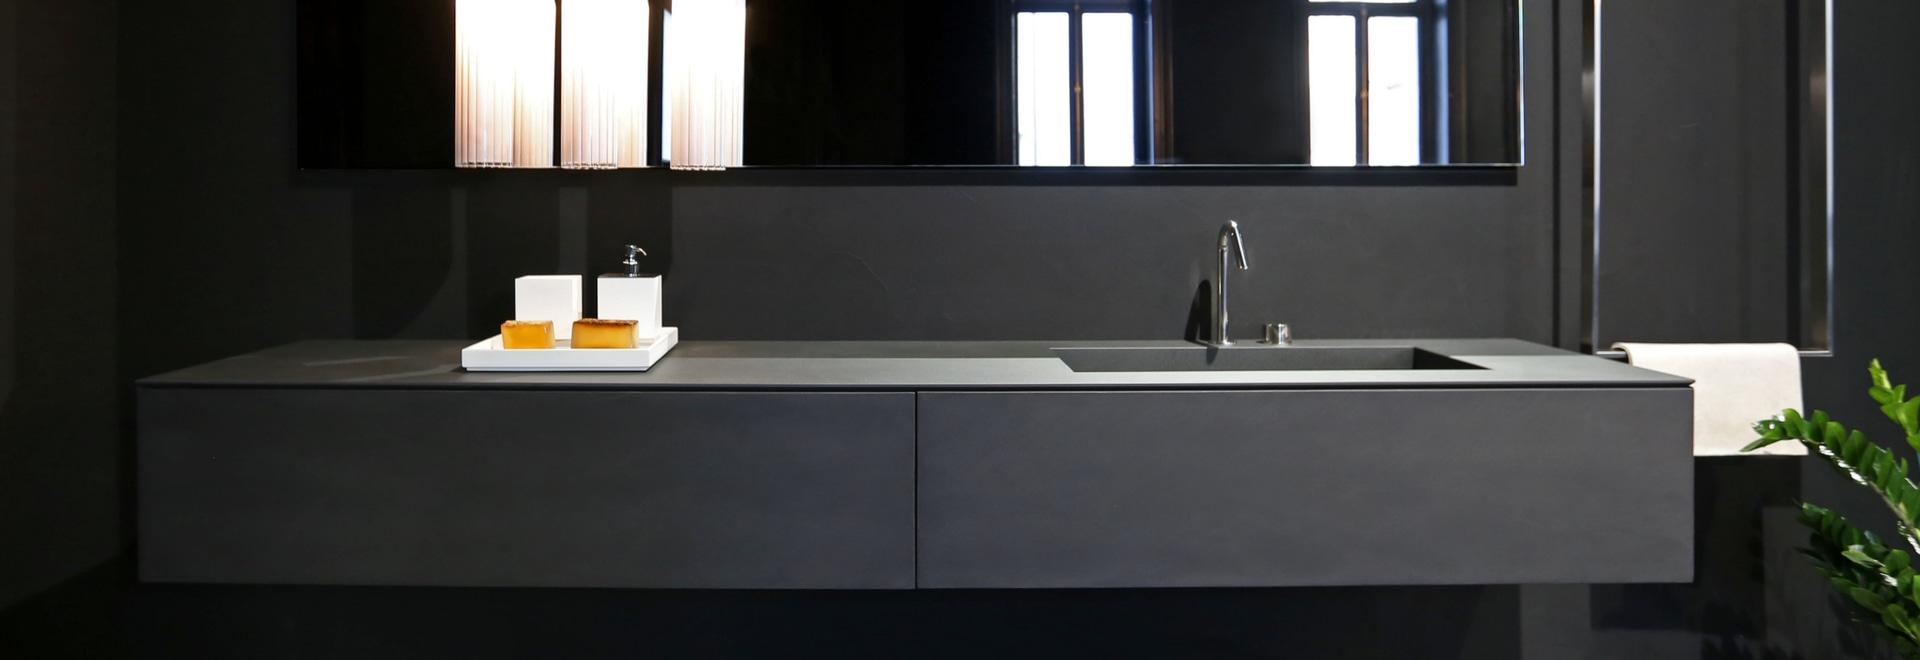 LAMINAM for the bathroom – Design: RIFRA